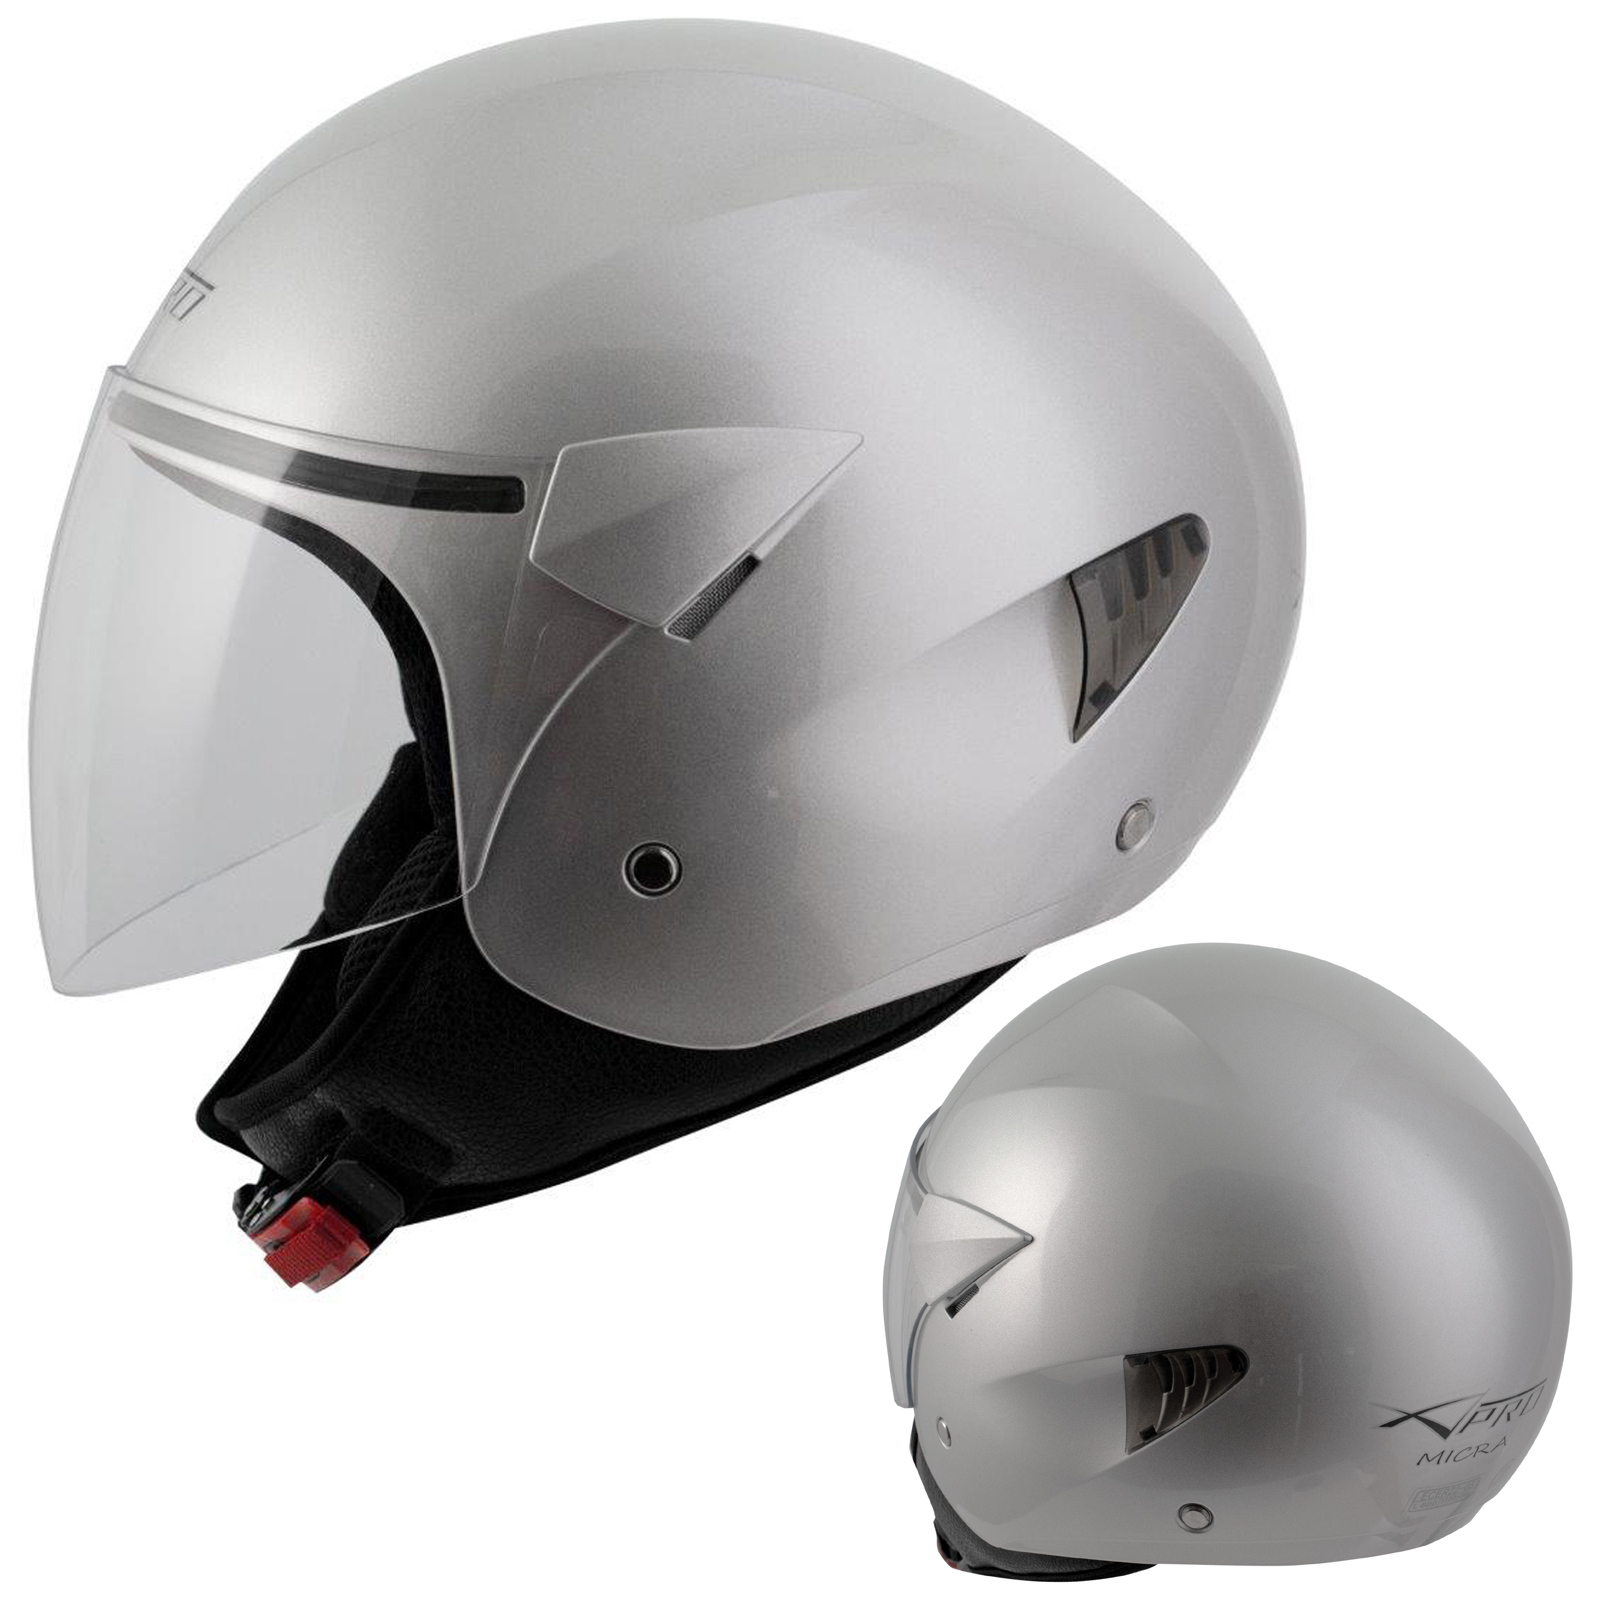 Casque-Moto-Scooter-Ville-Jet-Visiere-Longue-Approuve-ECE-22-05-Argent